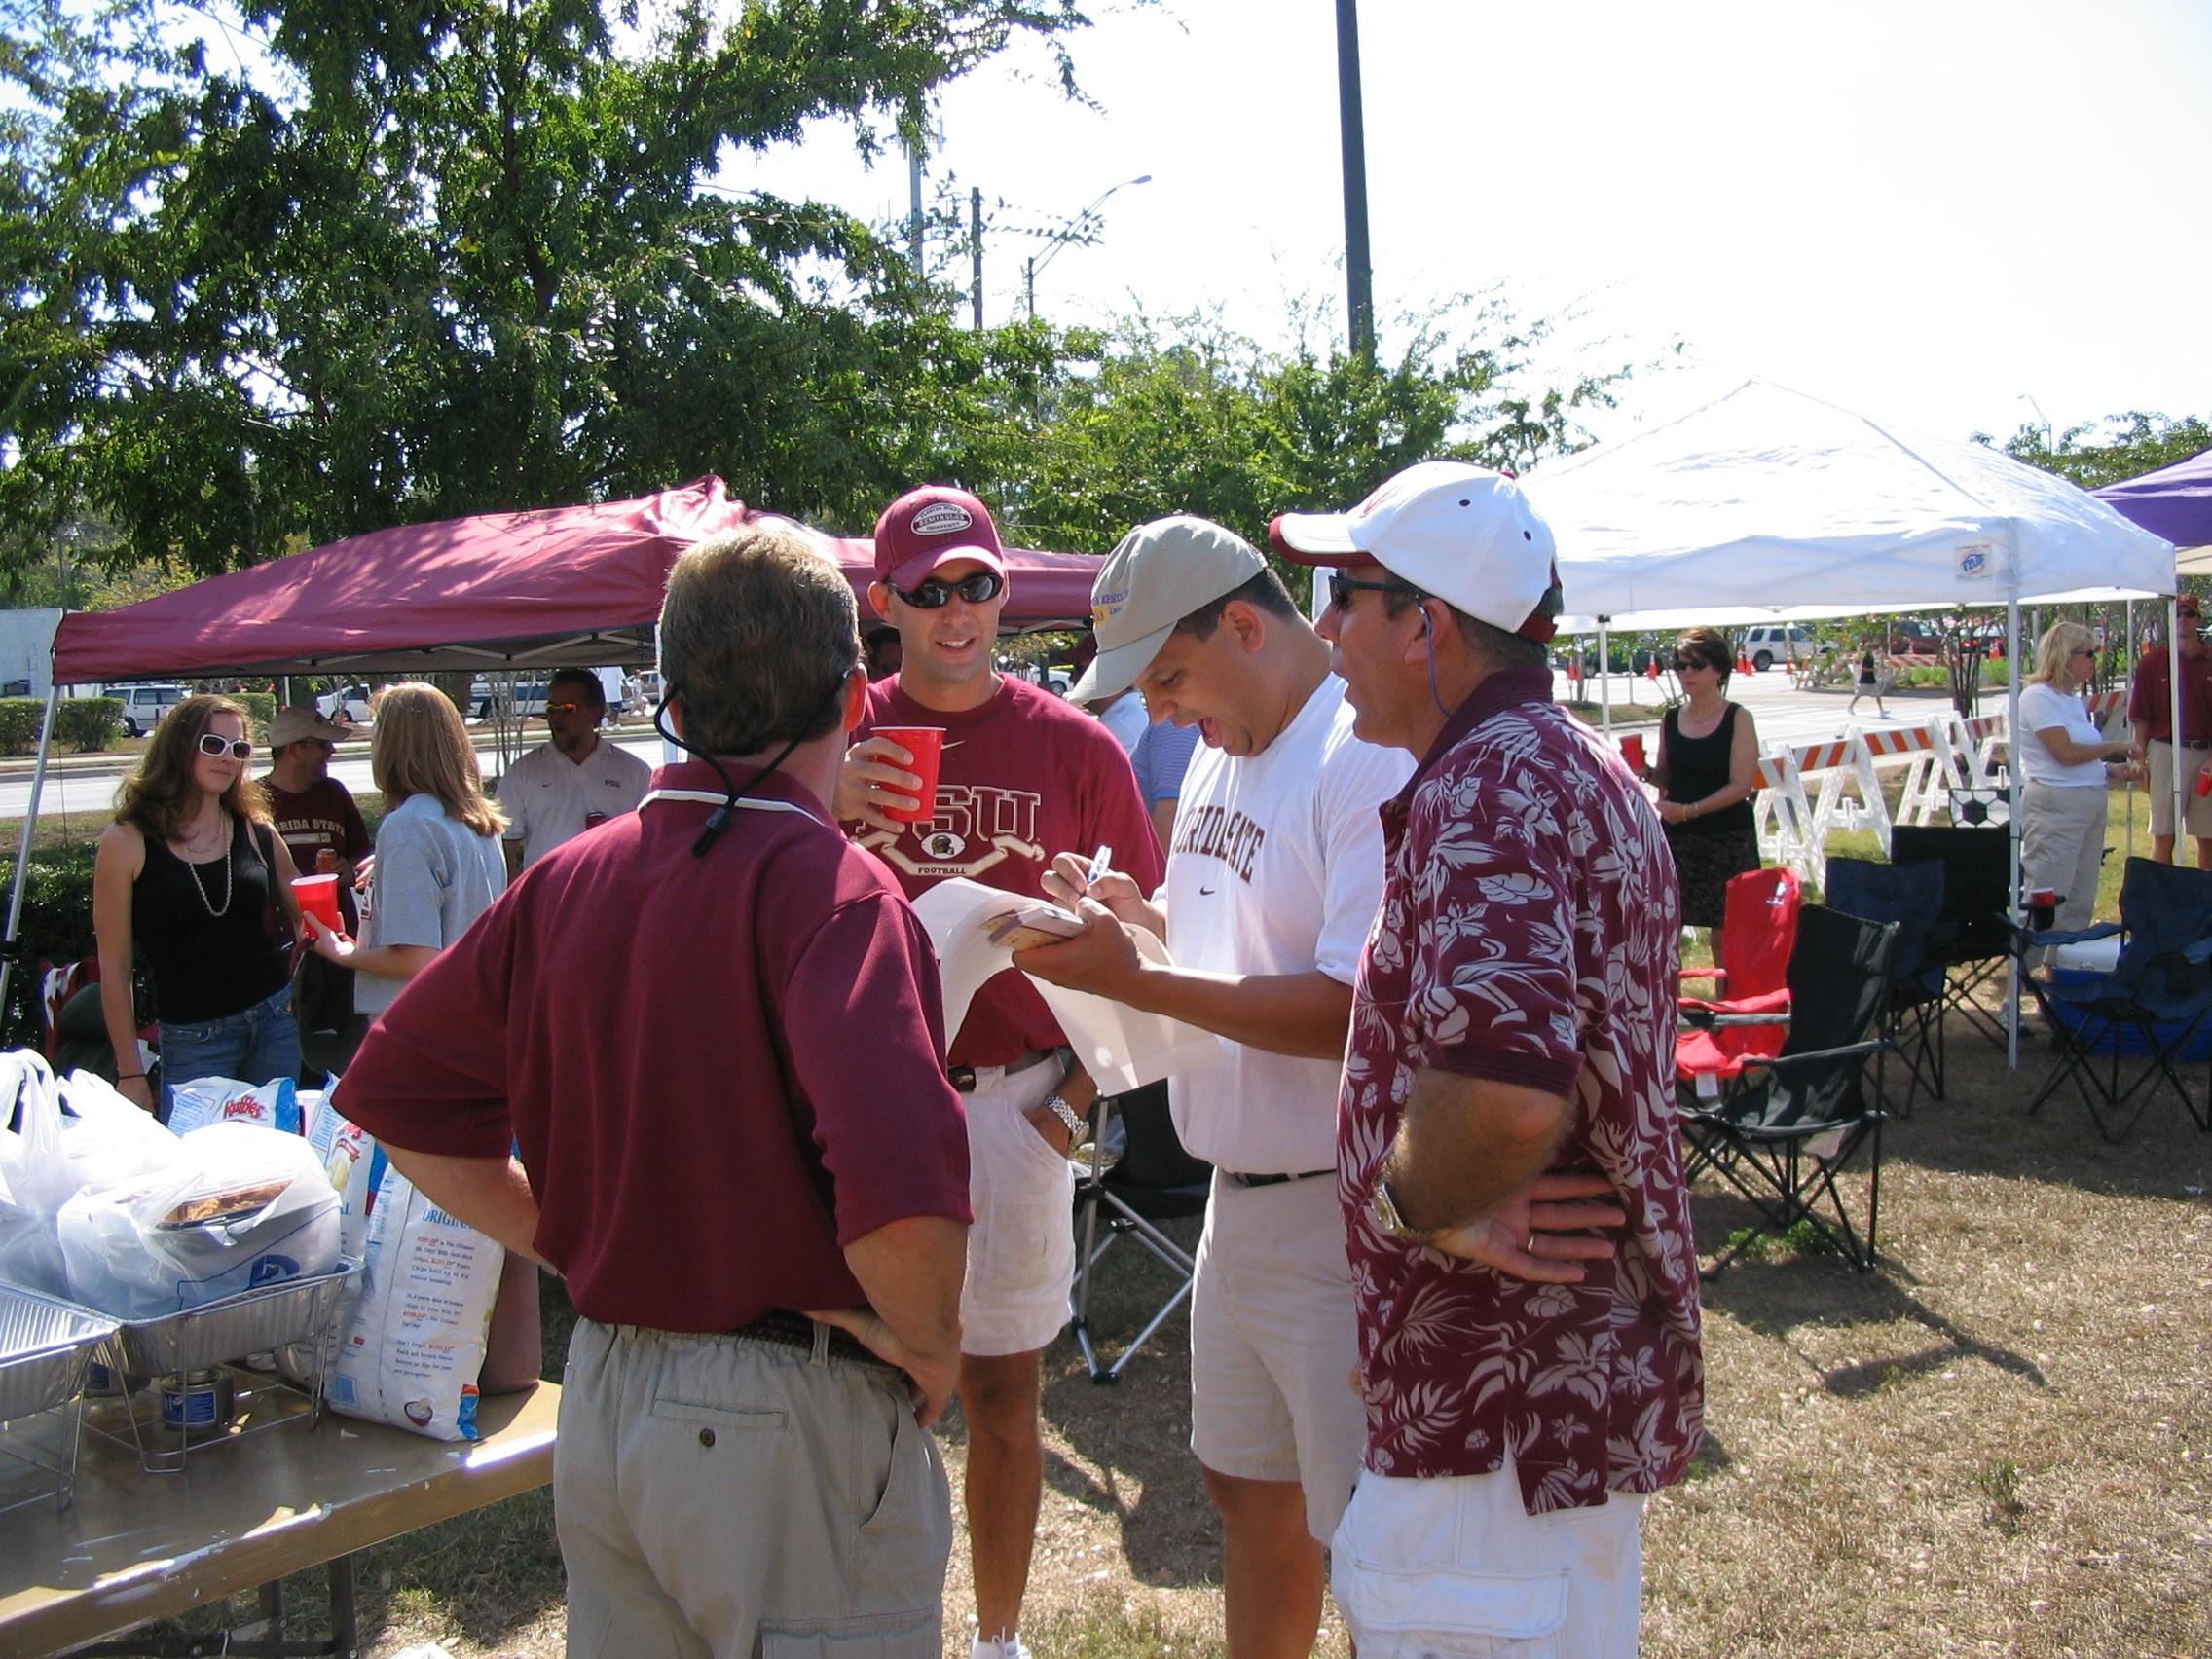 2005 alumni tailgate-JoeHouston, LawrenMoody, AlexGrohmann, tbd.JPG